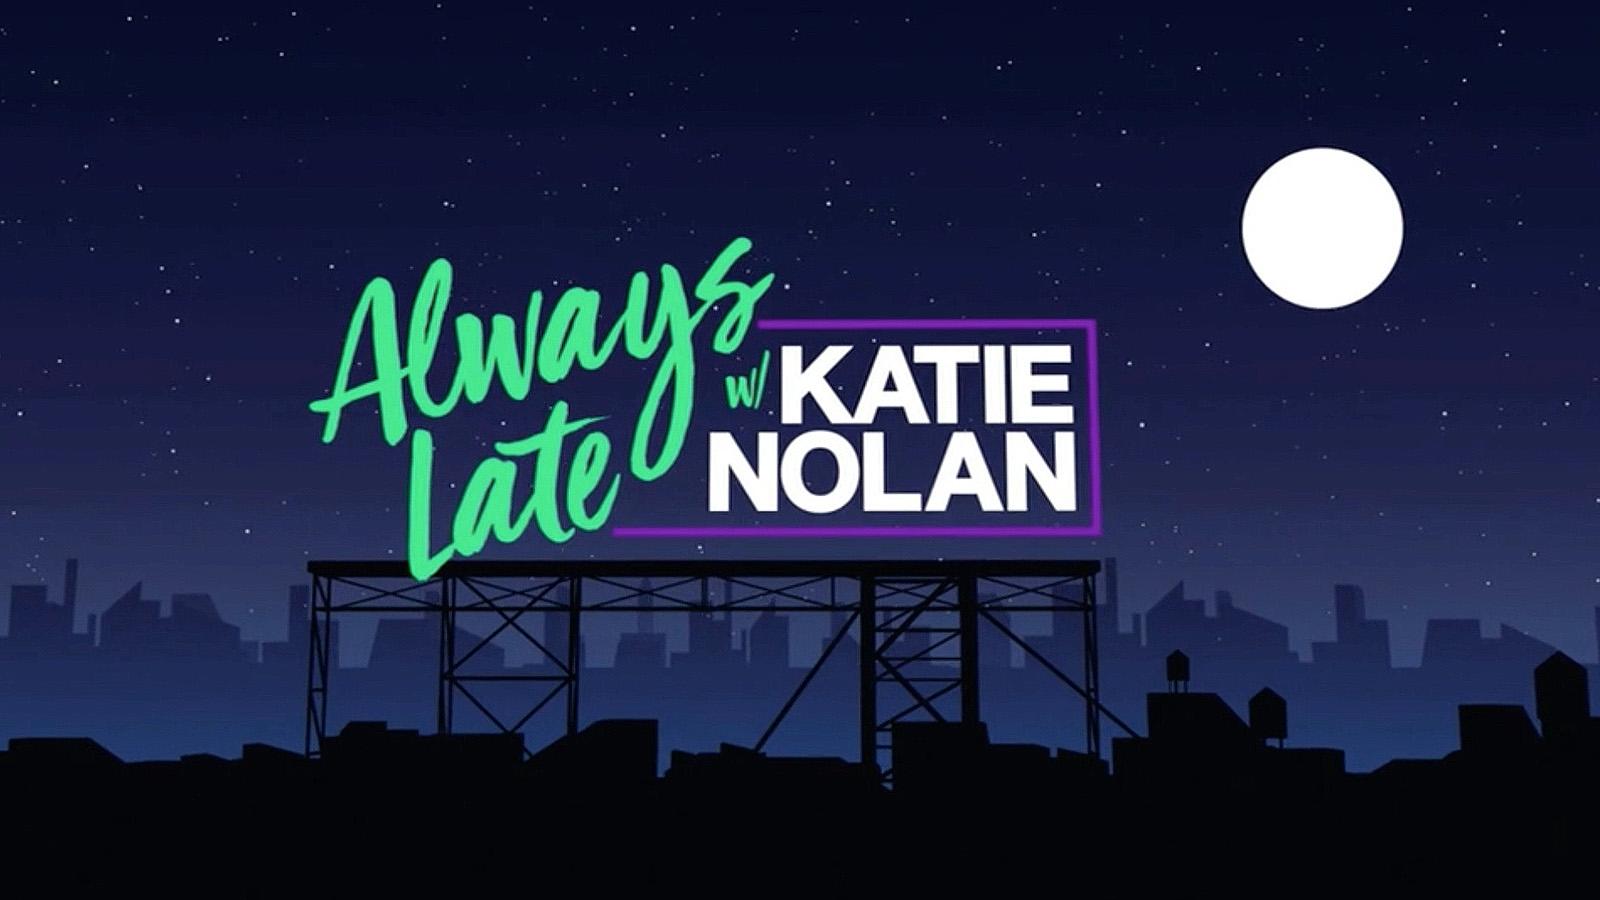 NCS_ESPN-Plus-Always-Late-Katie-Nolan_GFX_0008